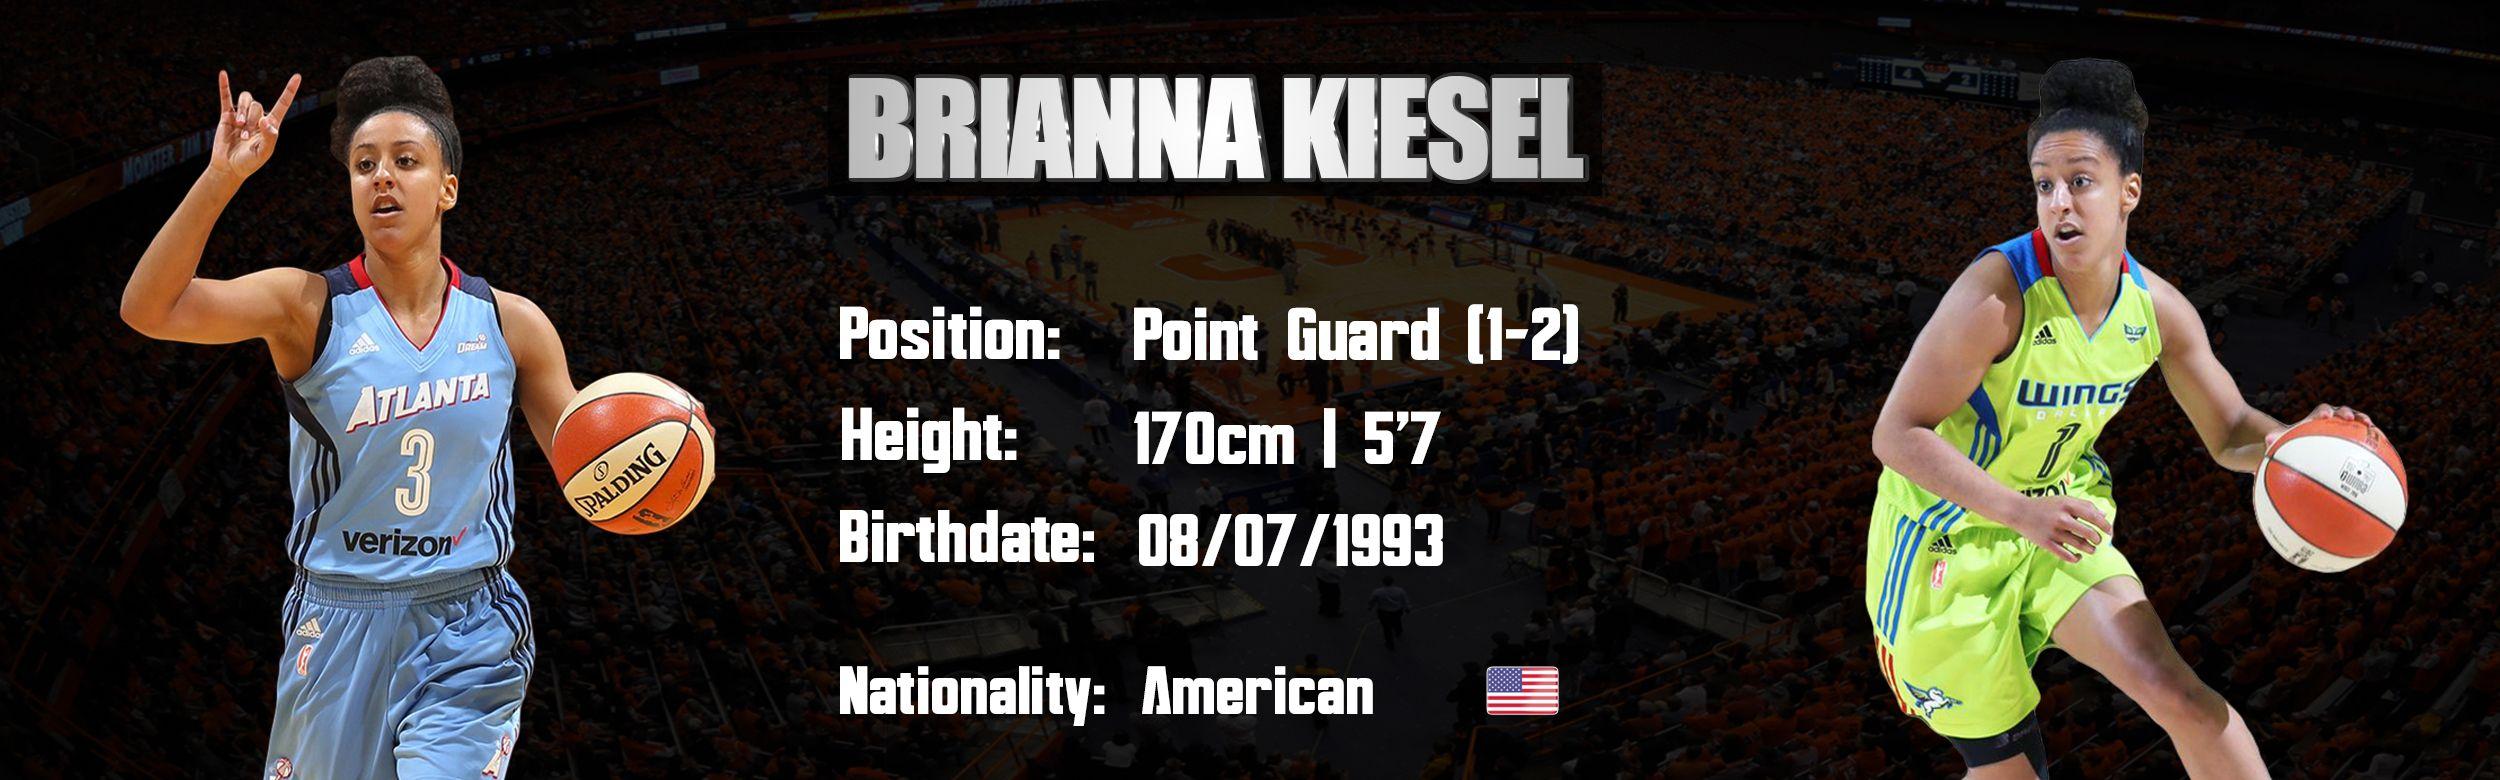 Brianna Kiesel